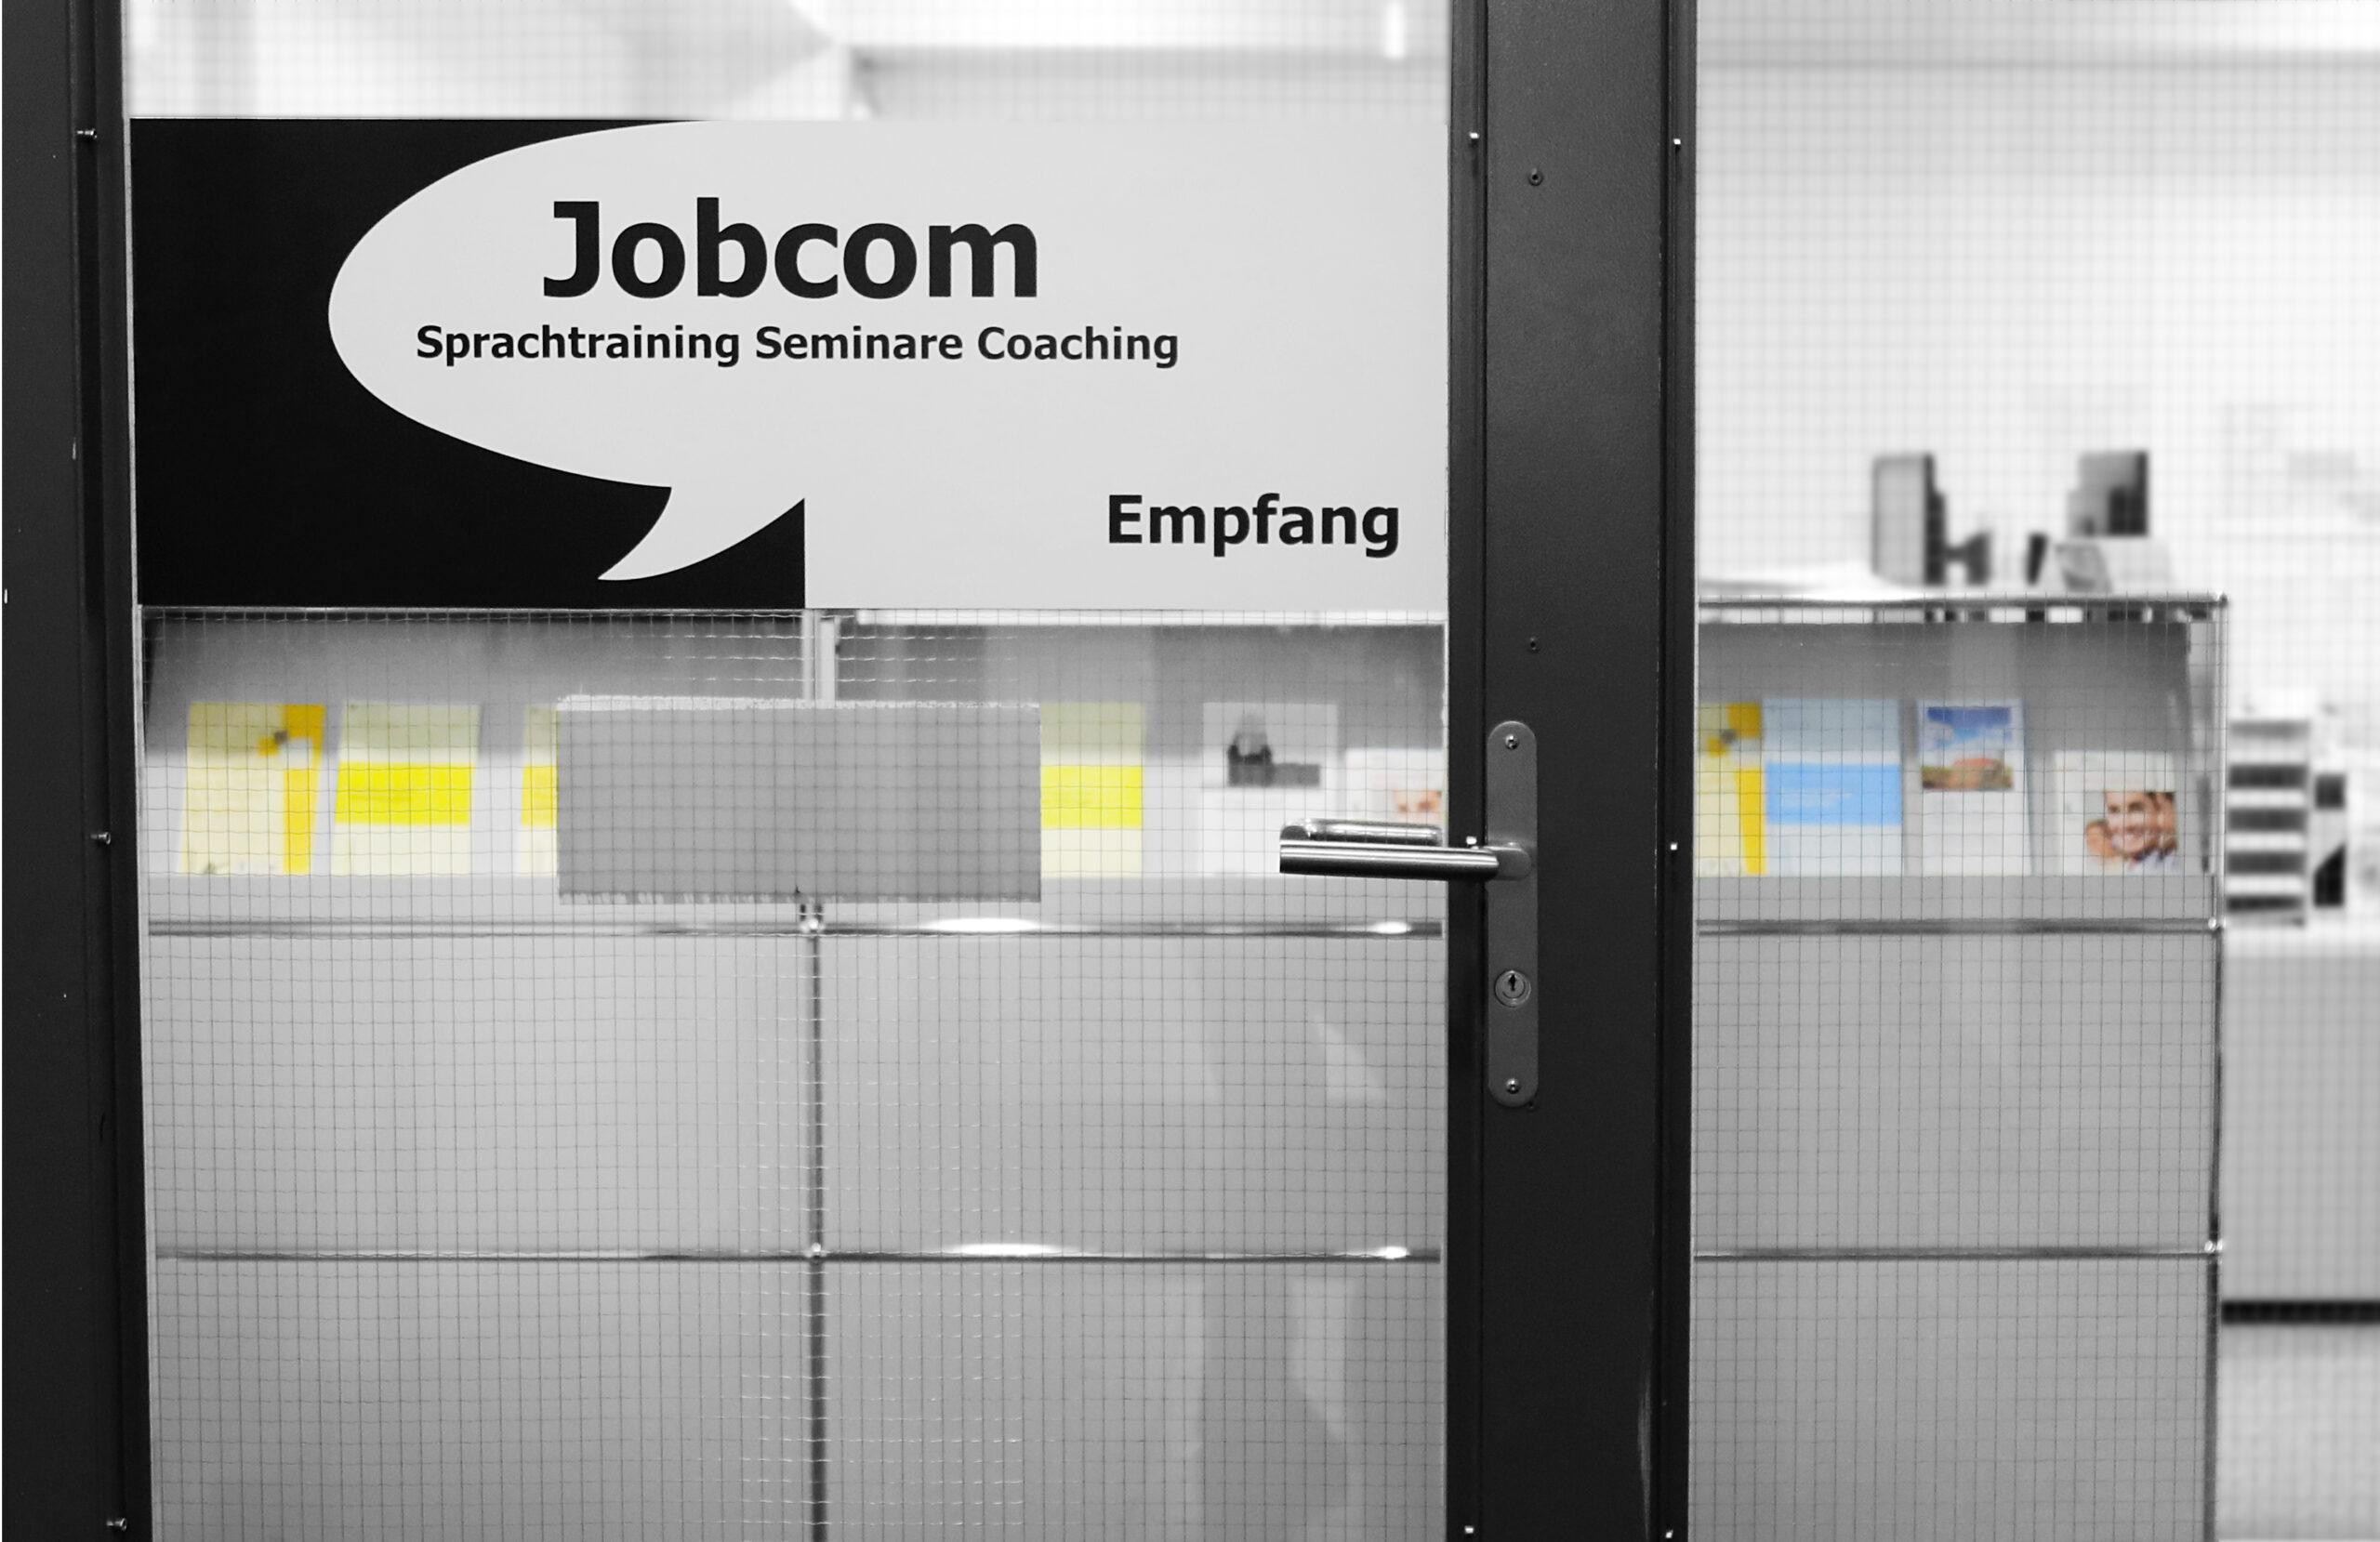 jobcom empfang